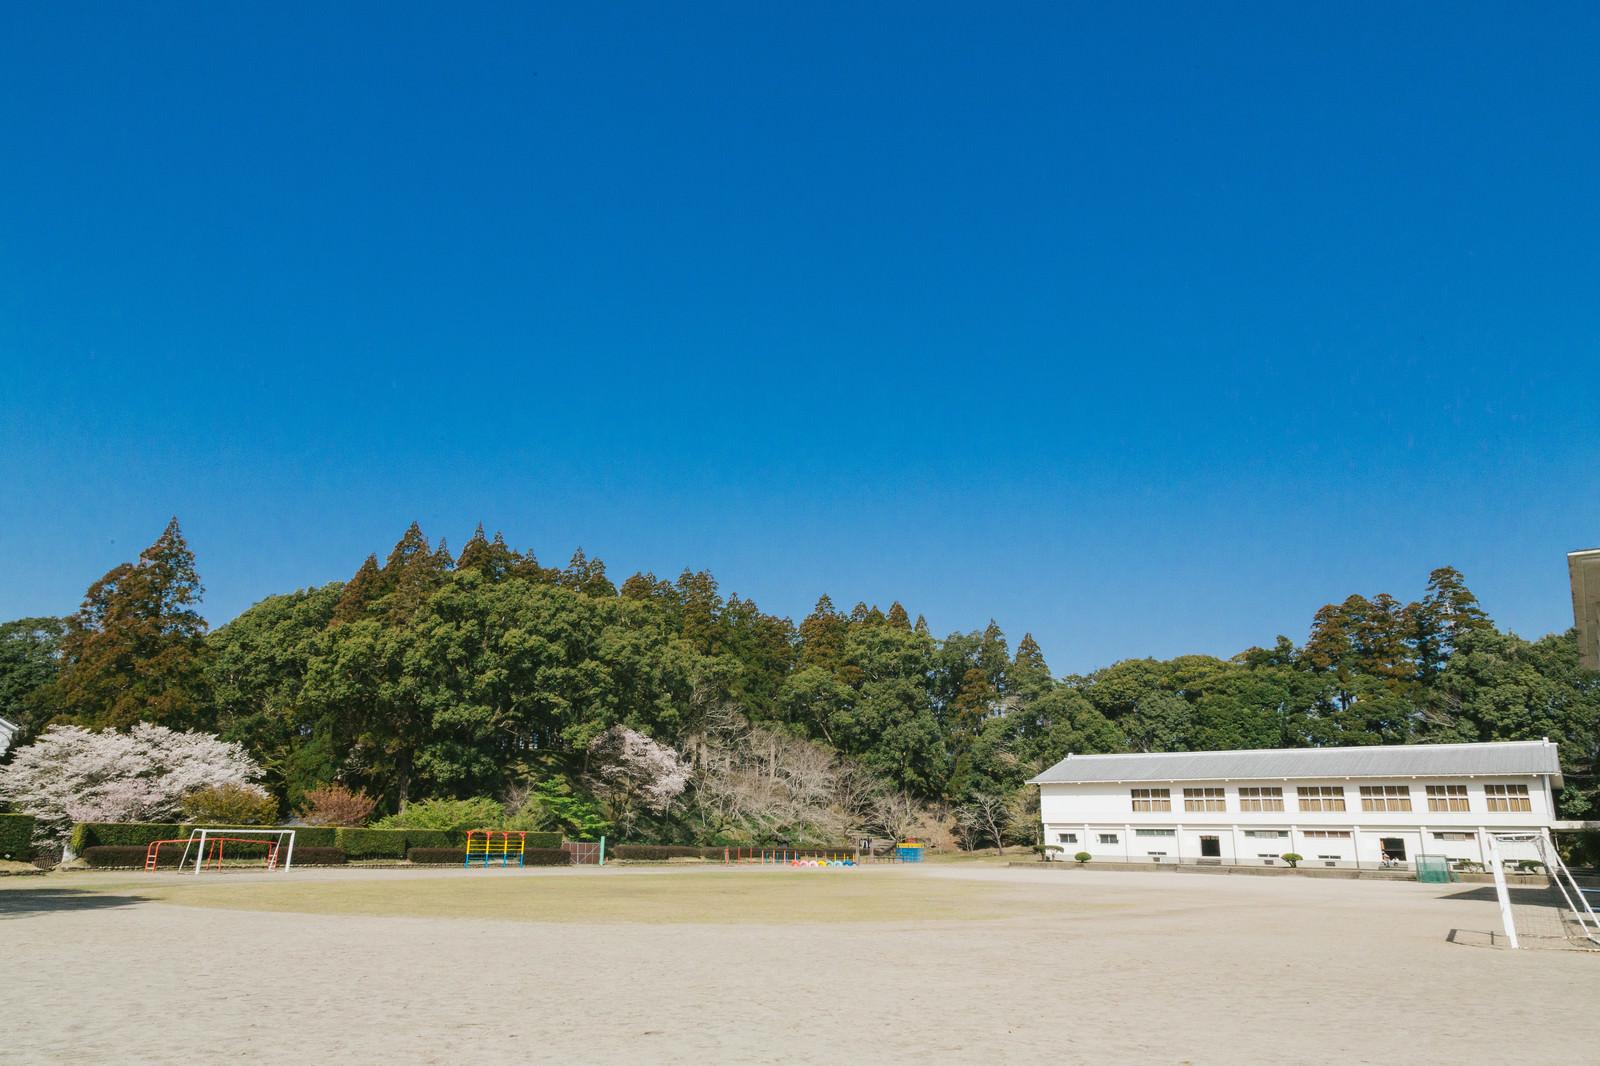 「城址にある飫肥小学校の校庭」の写真